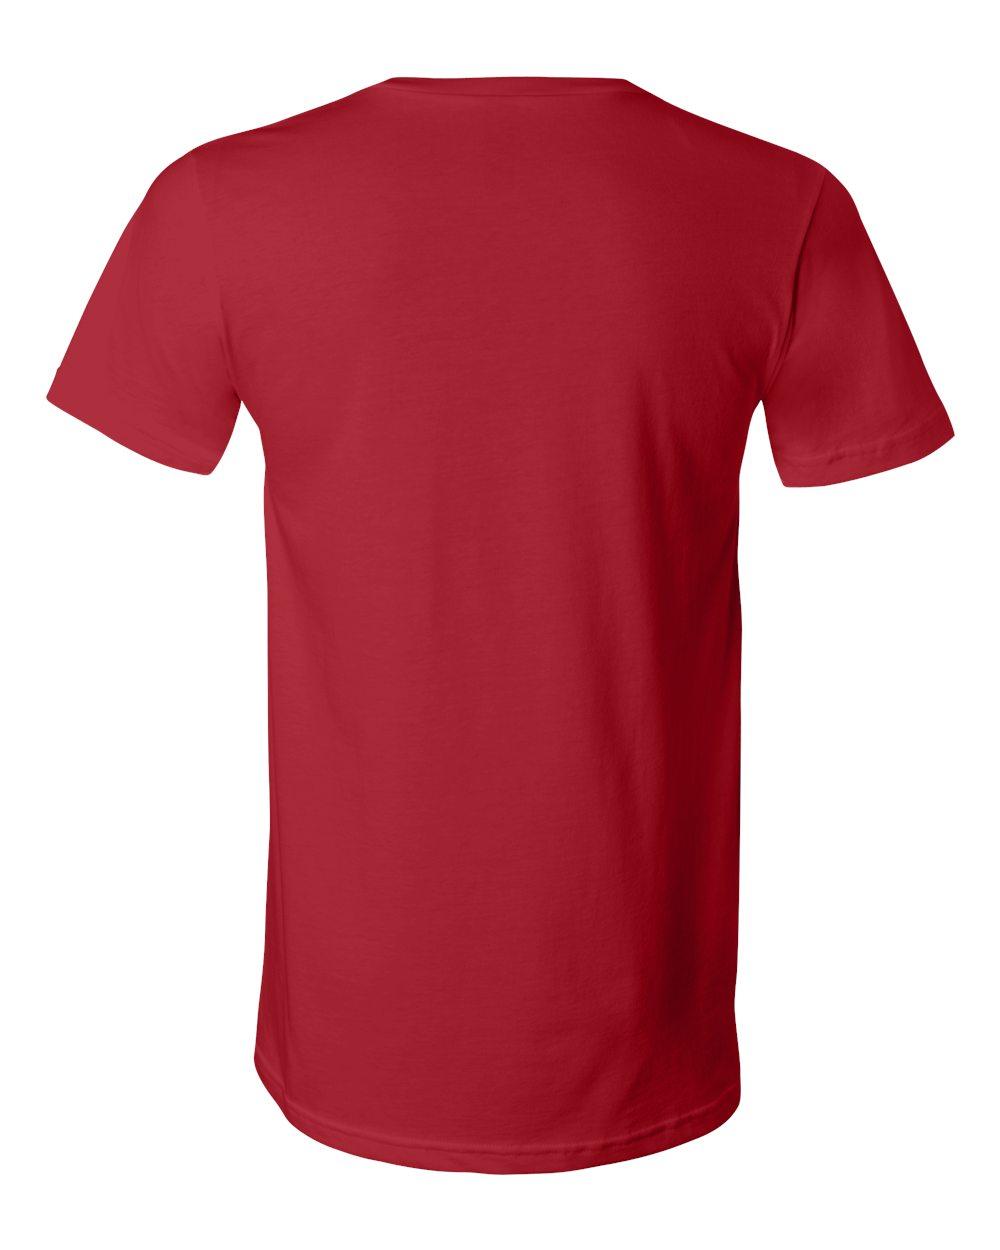 Bella-Canvas-Men-039-s-Jersey-Short-Sleeve-V-Neck-T-Shirt-3005-XS-3XL thumbnail 28